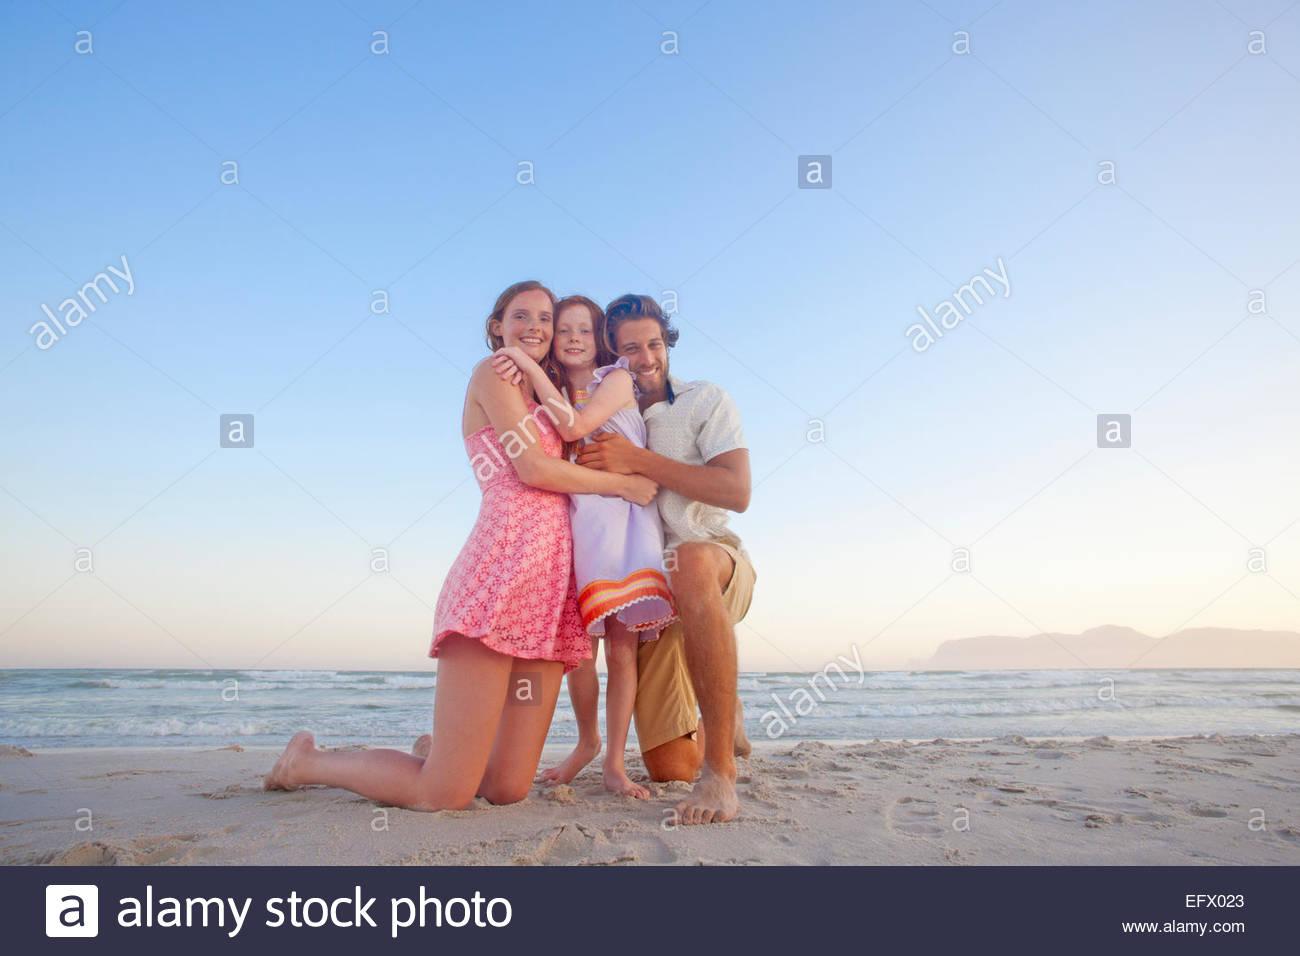 Feliz pareja de rodillas, abrazando a su hija, en sunny beach Imagen De Stock